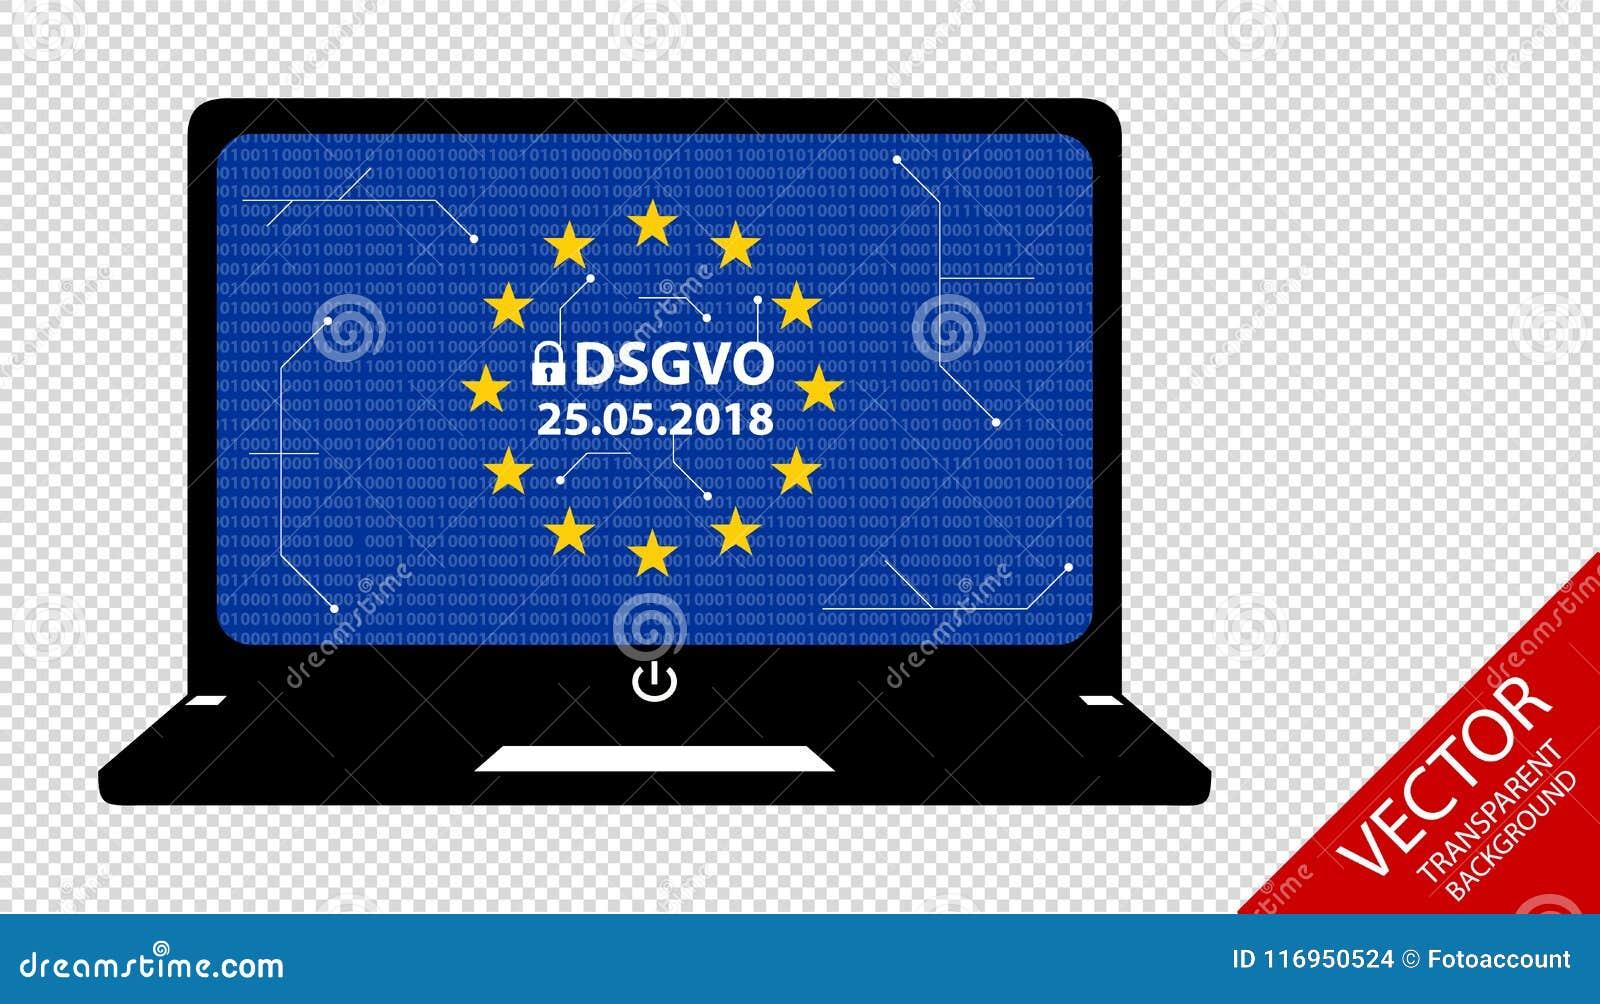 General Data Protection Regulation German Mutation: Datenschutz Grundverordnung DSGVO - Bits And Circuit Diagram On Notebook